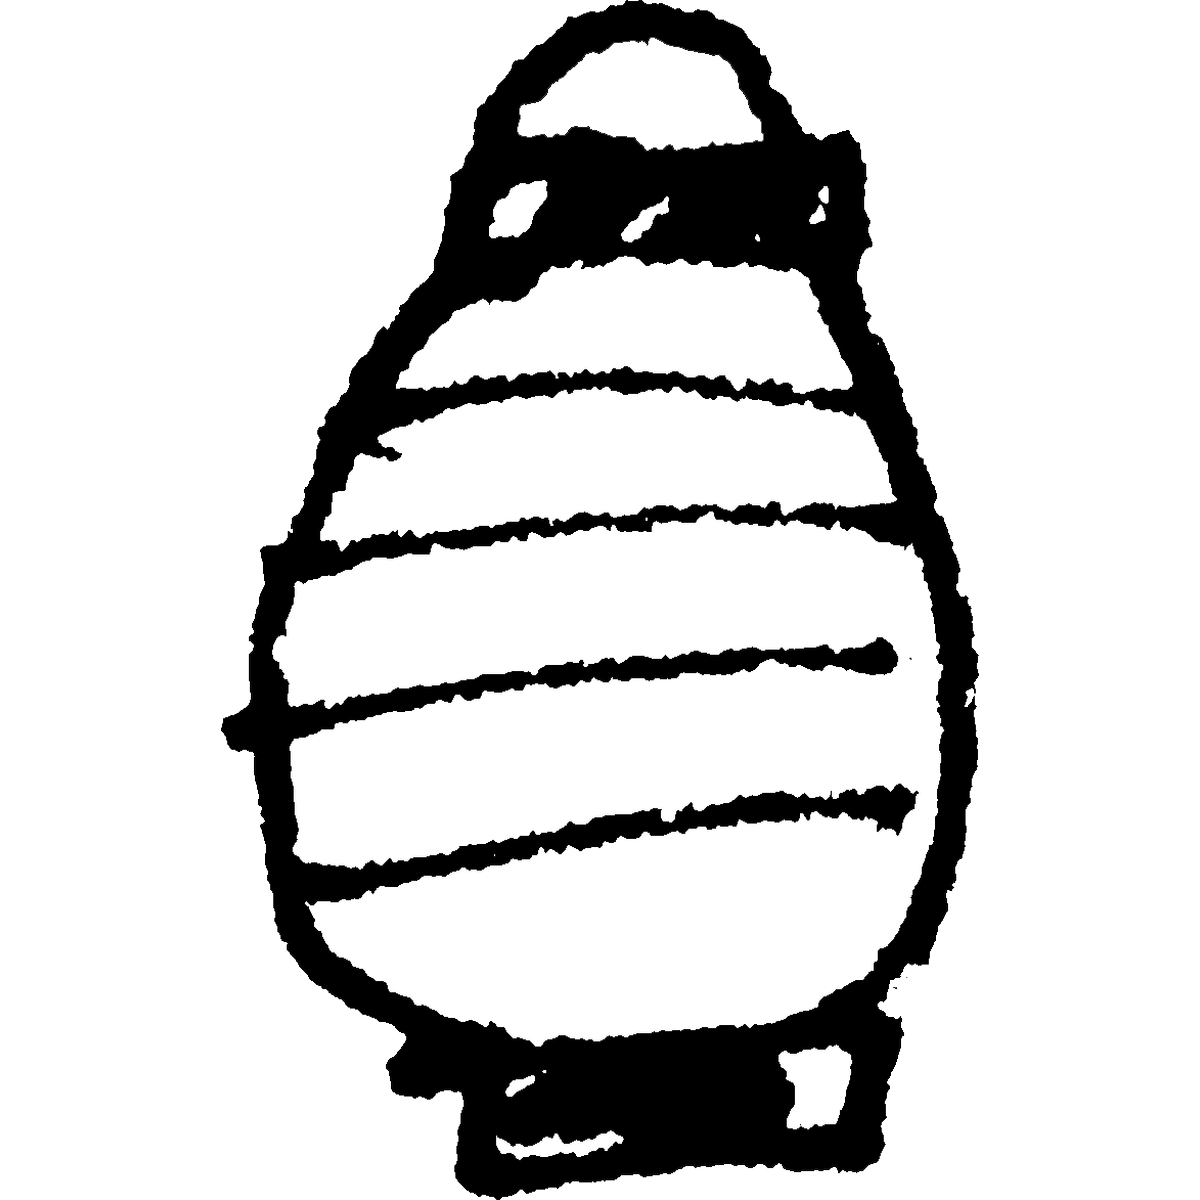 ちょうちん(長形)2のイラスト